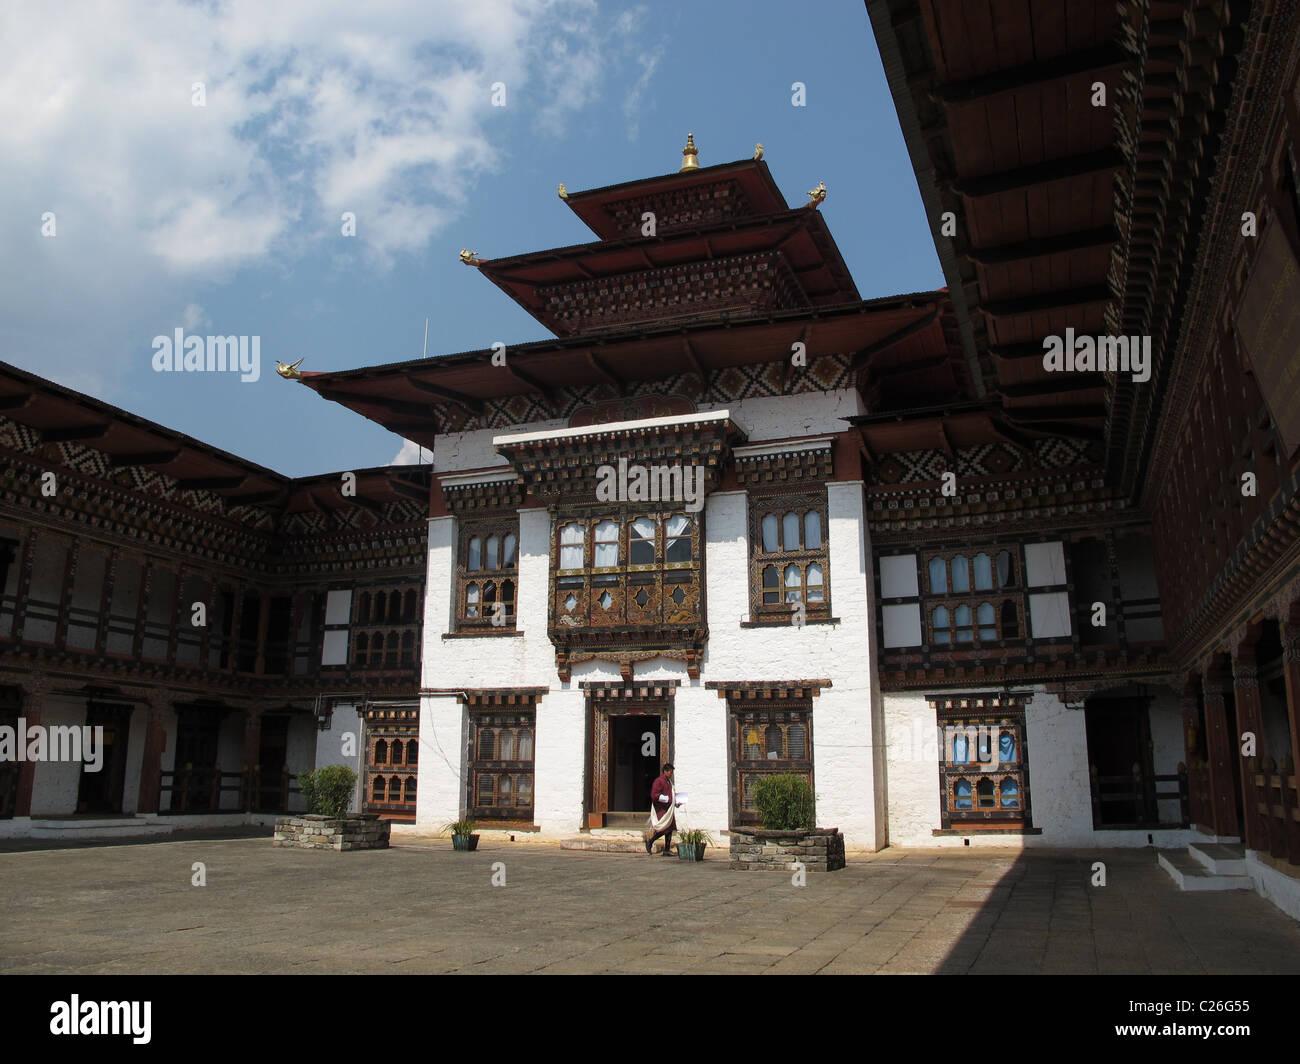 Cour de la Dzong dans le nord-est, le Bhoutan Trashi Yangtse Photo Stock